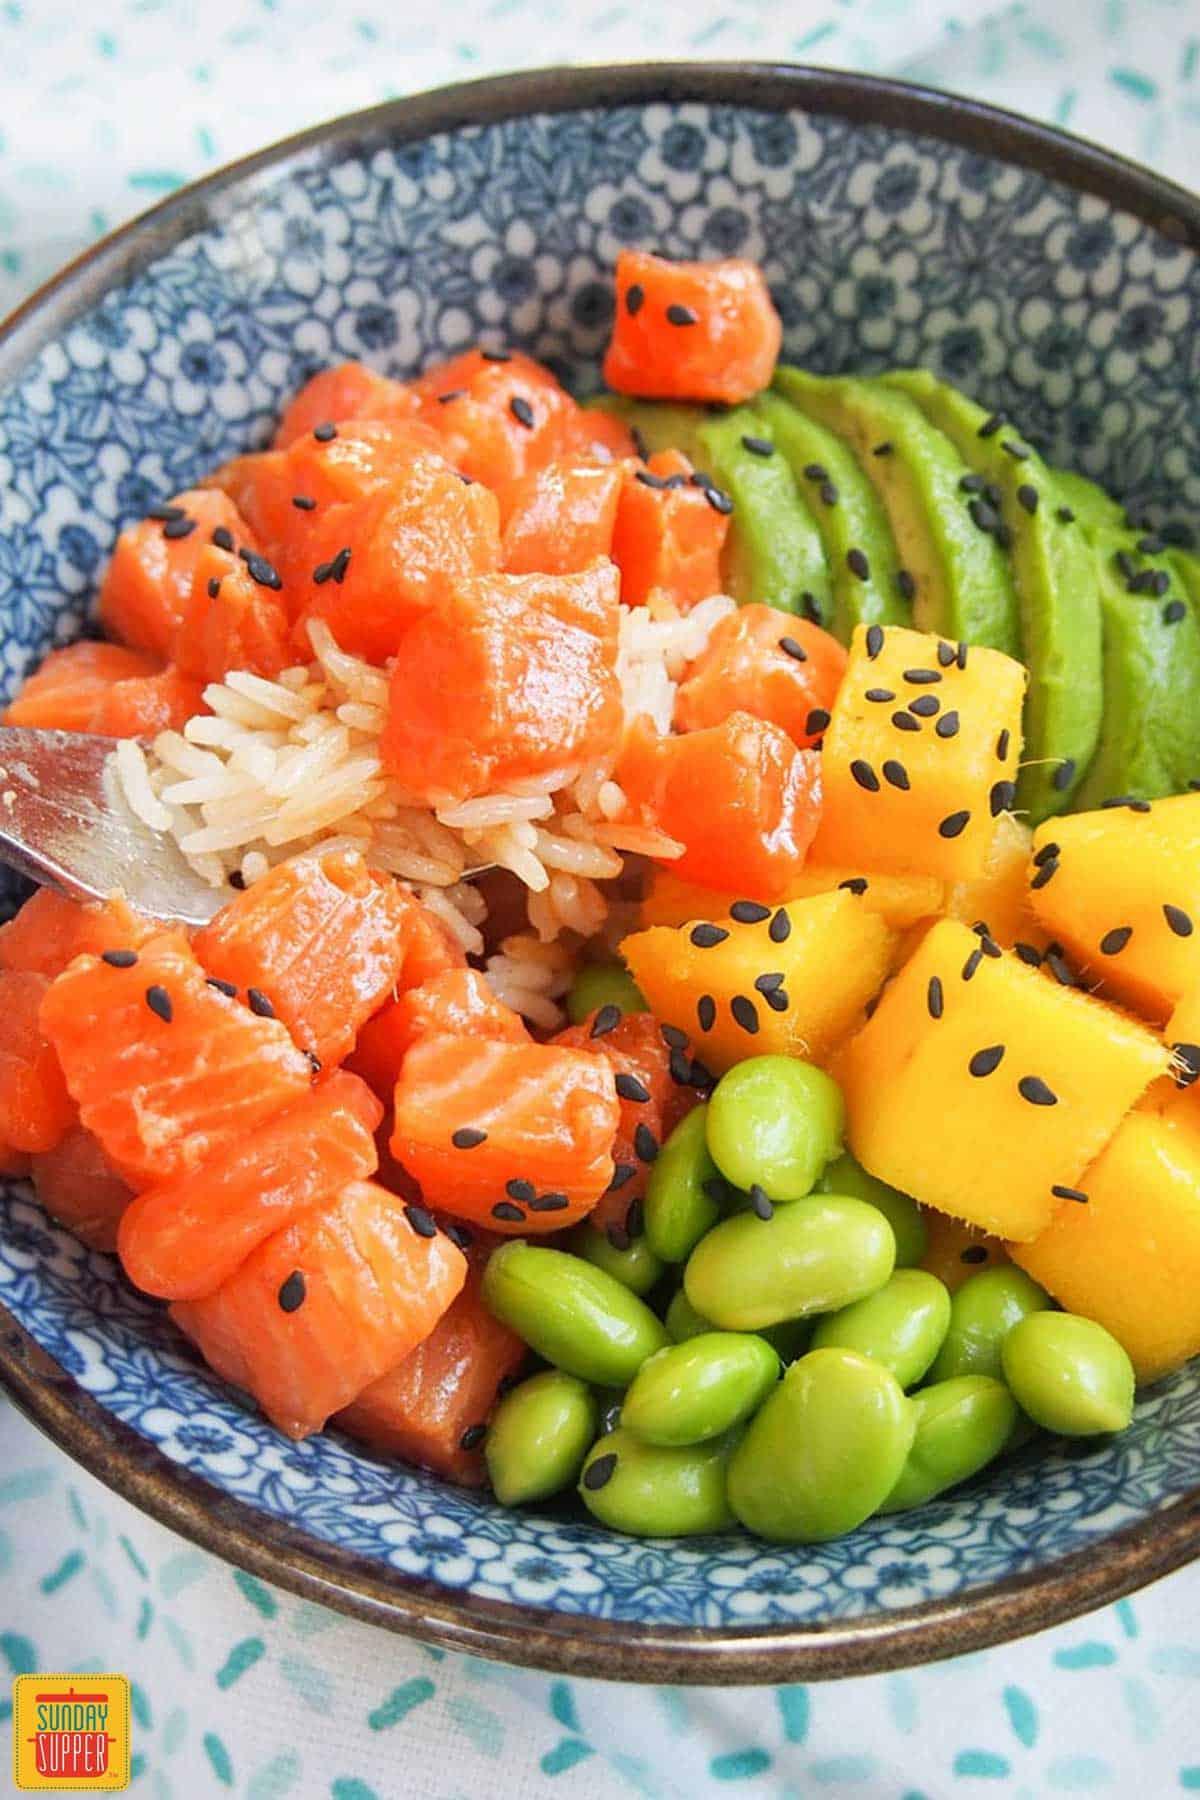 A bowl of Salmon poke